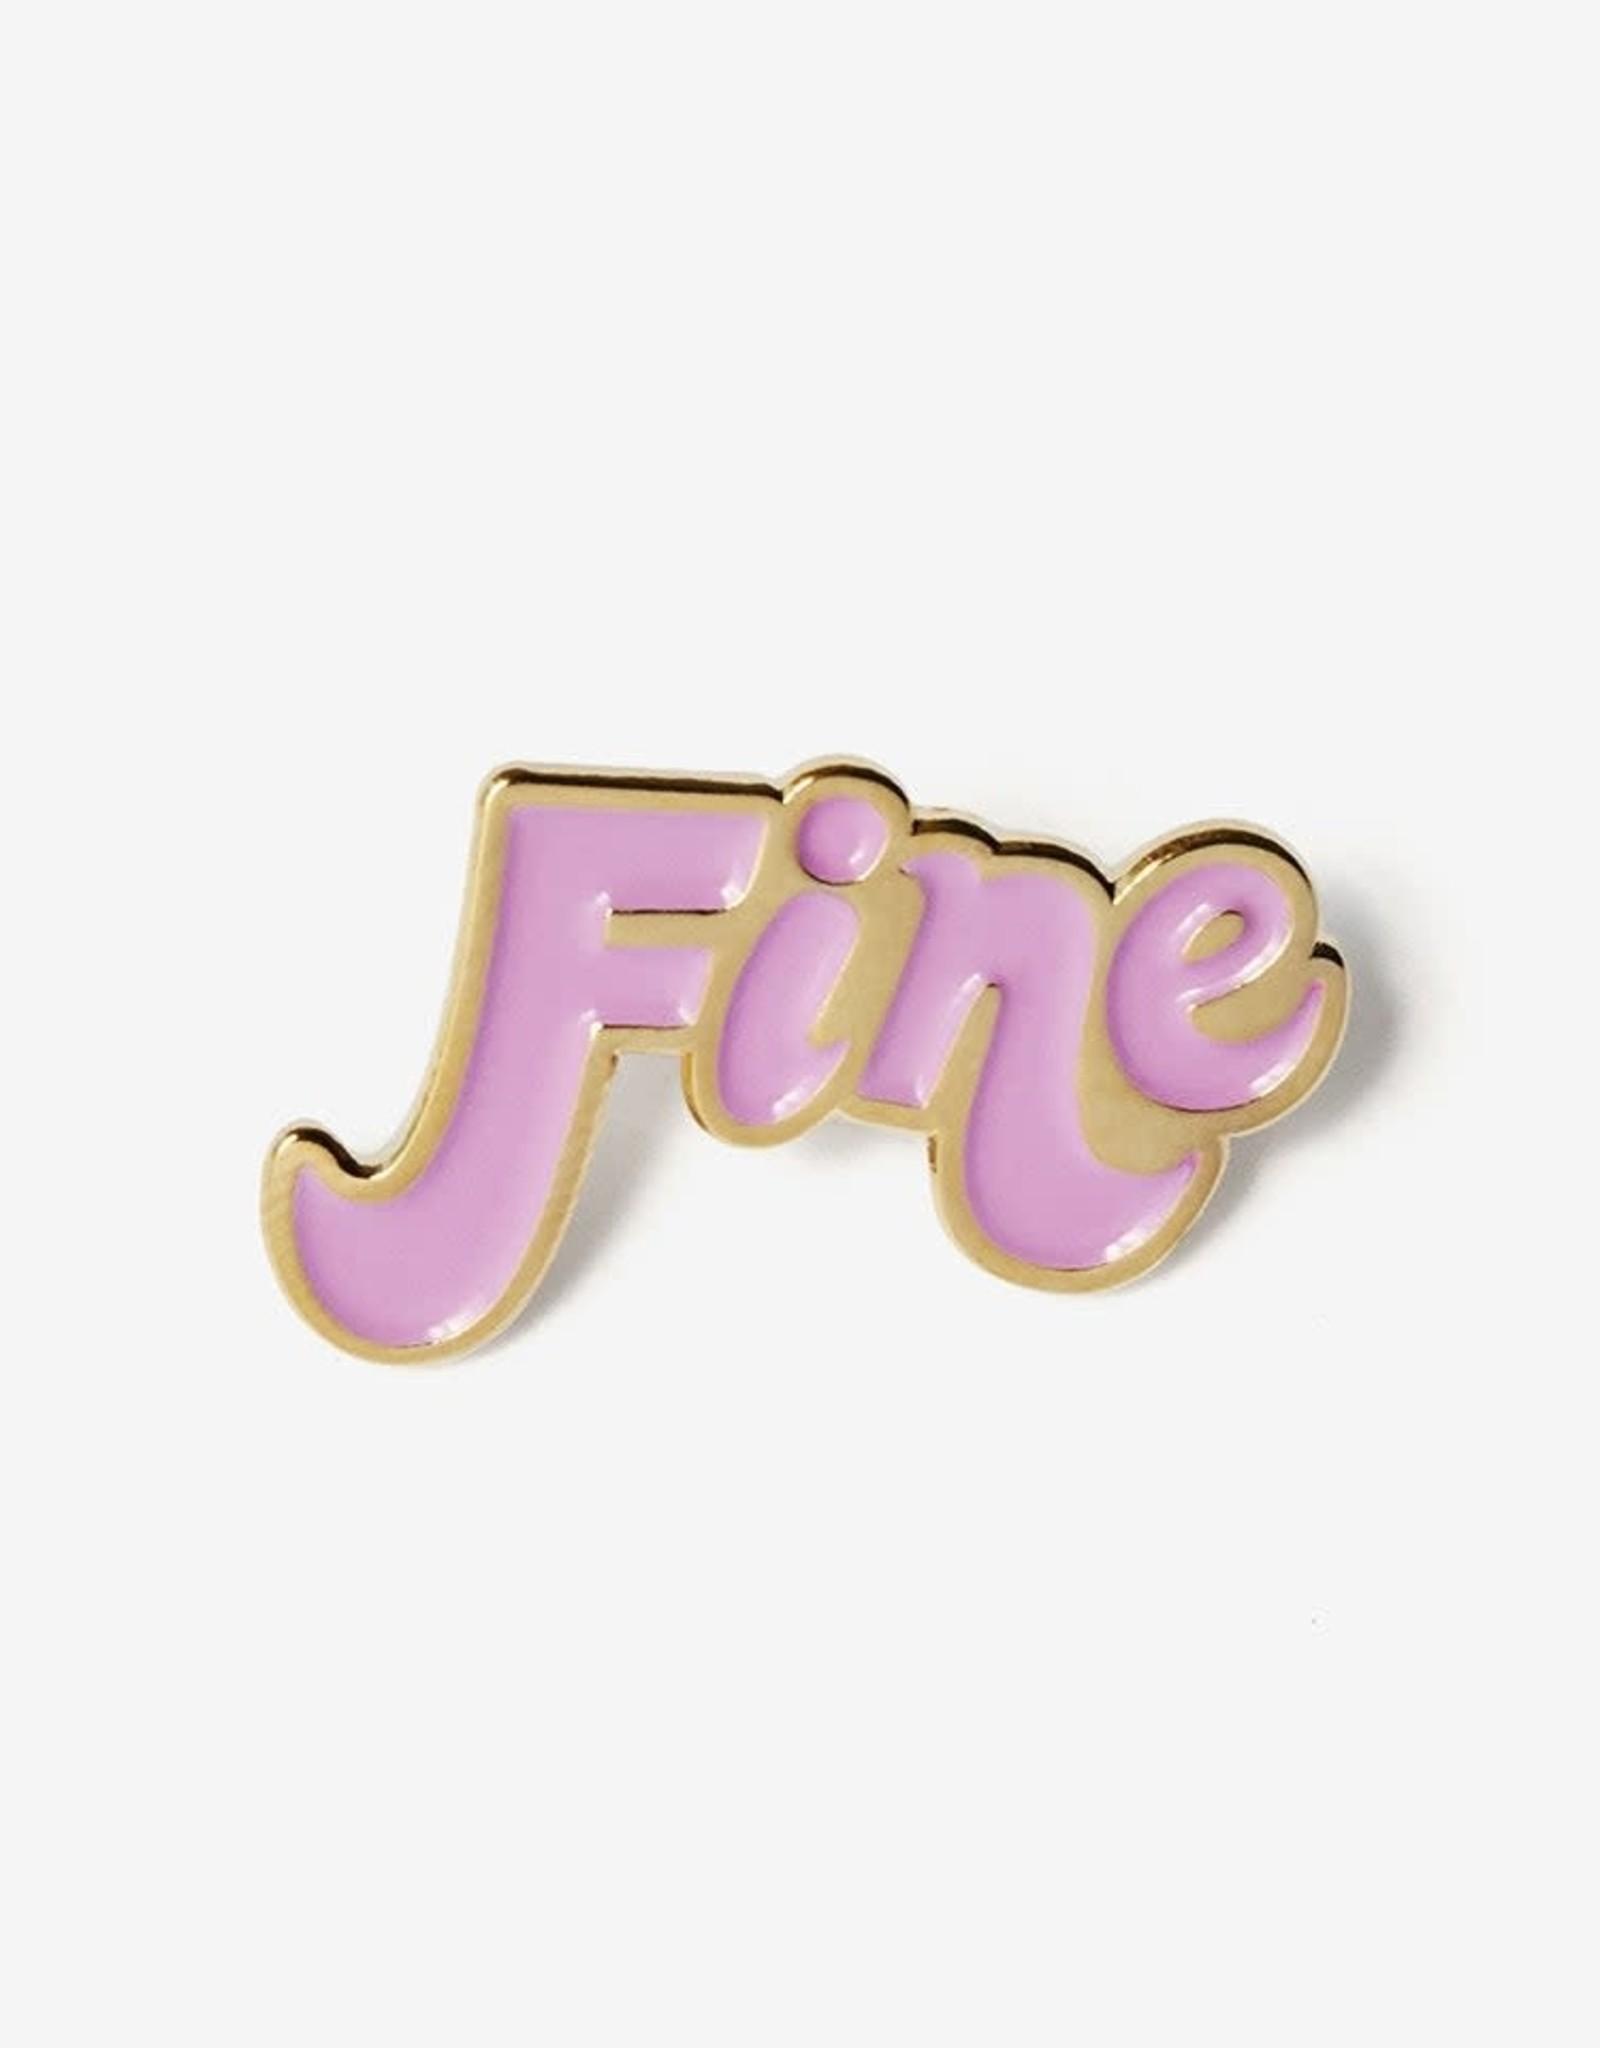 Fine Enamel Pin